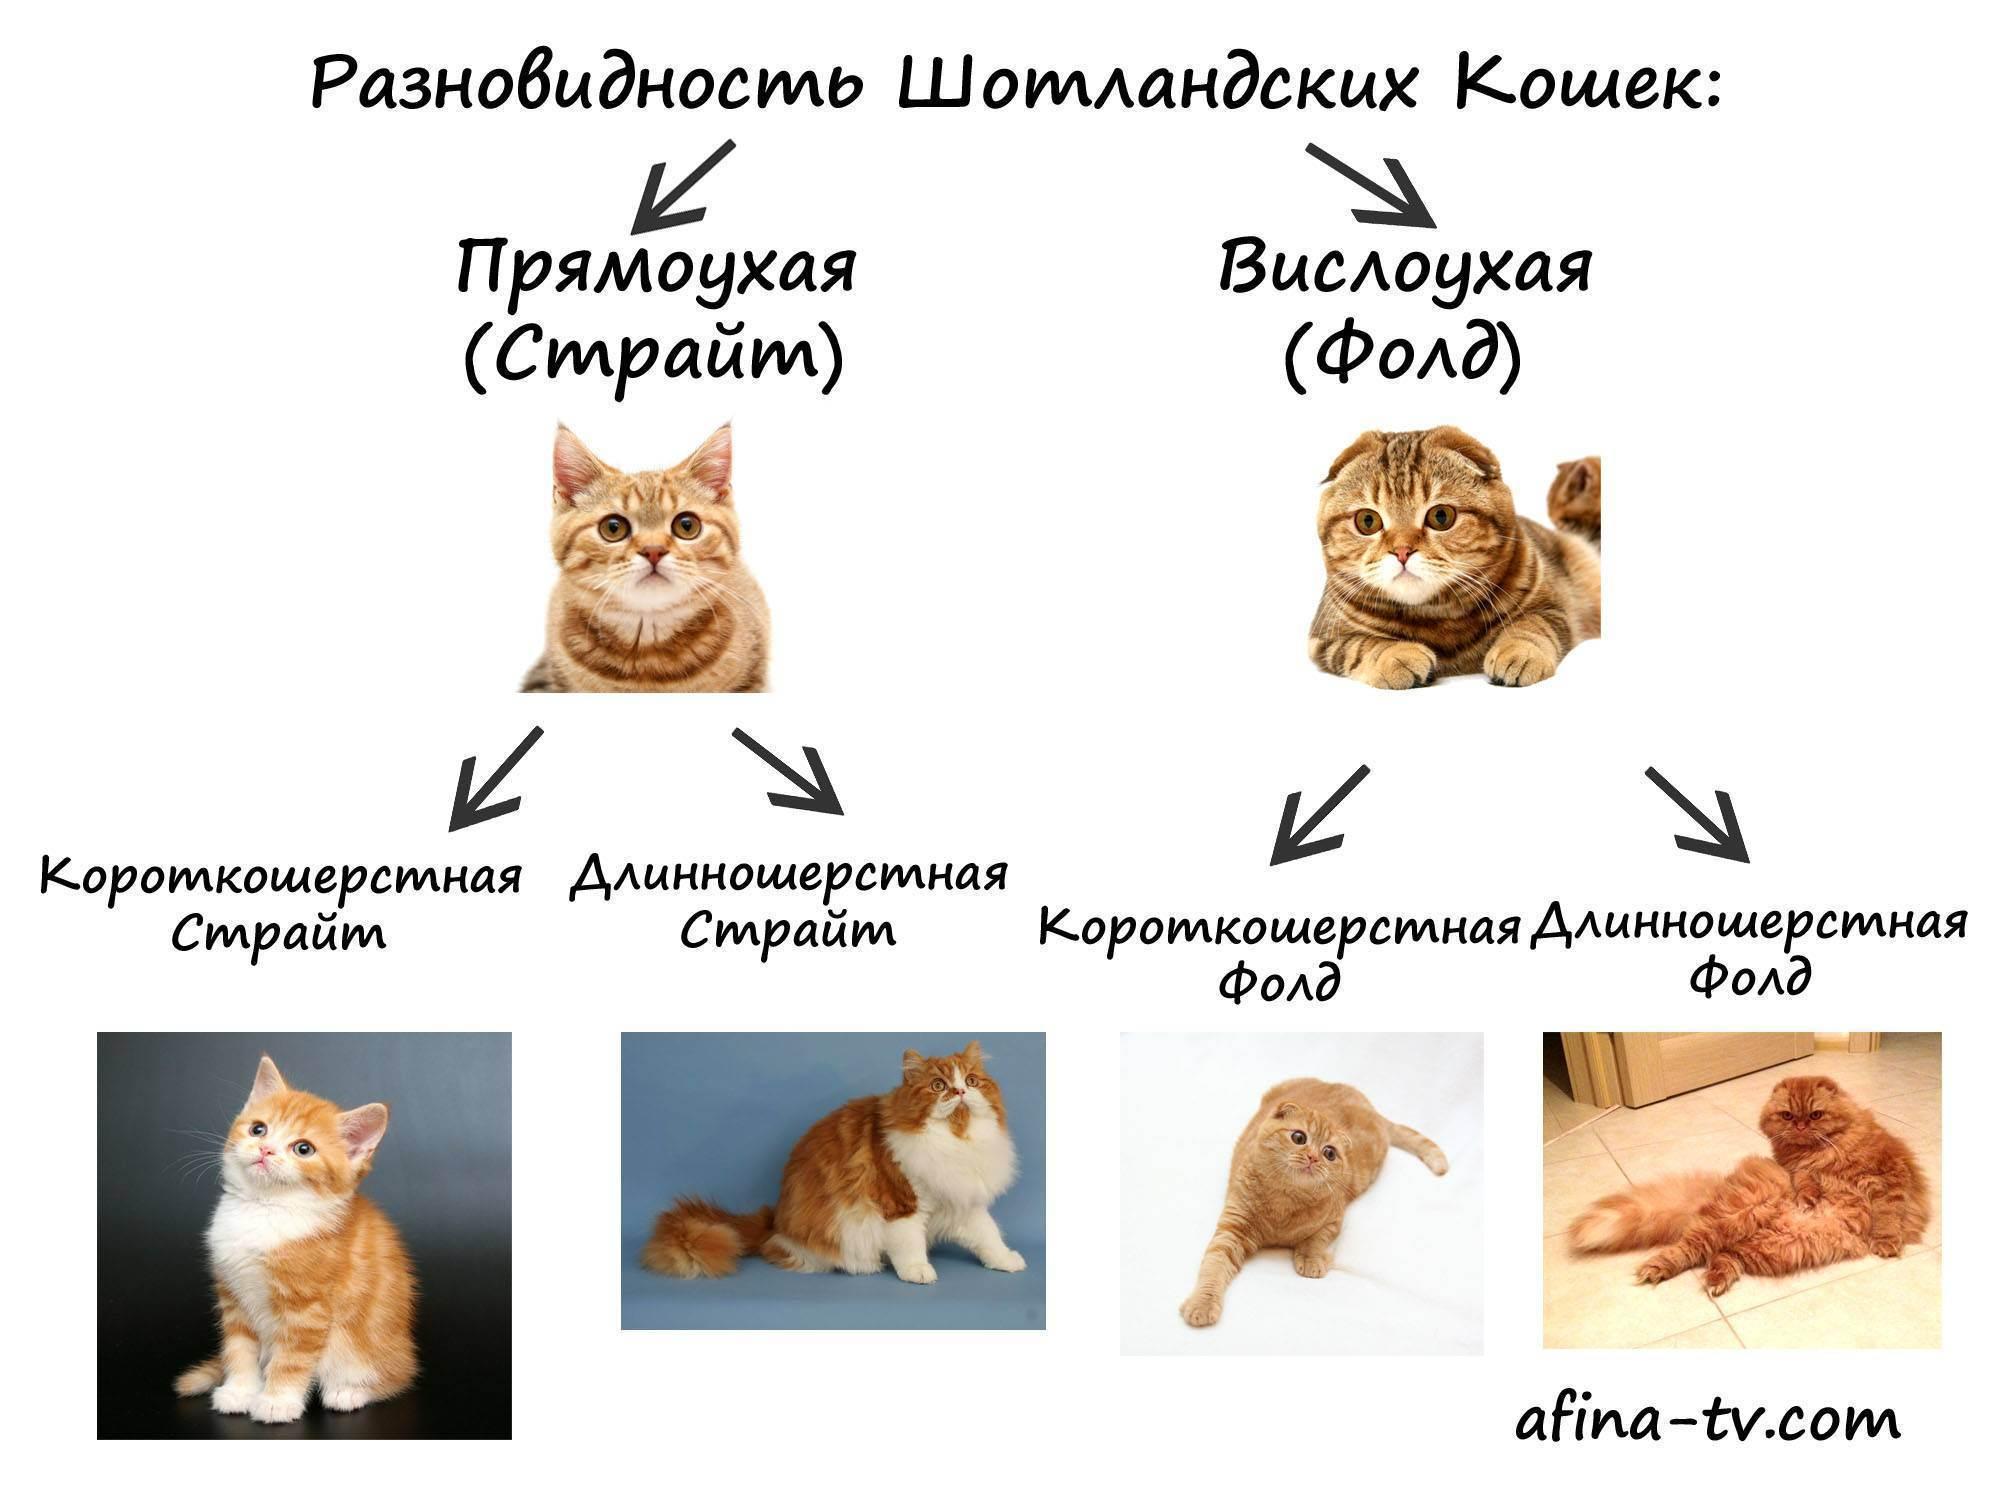 Шотландские кошки: виды породы, особенности содержания и воспитания